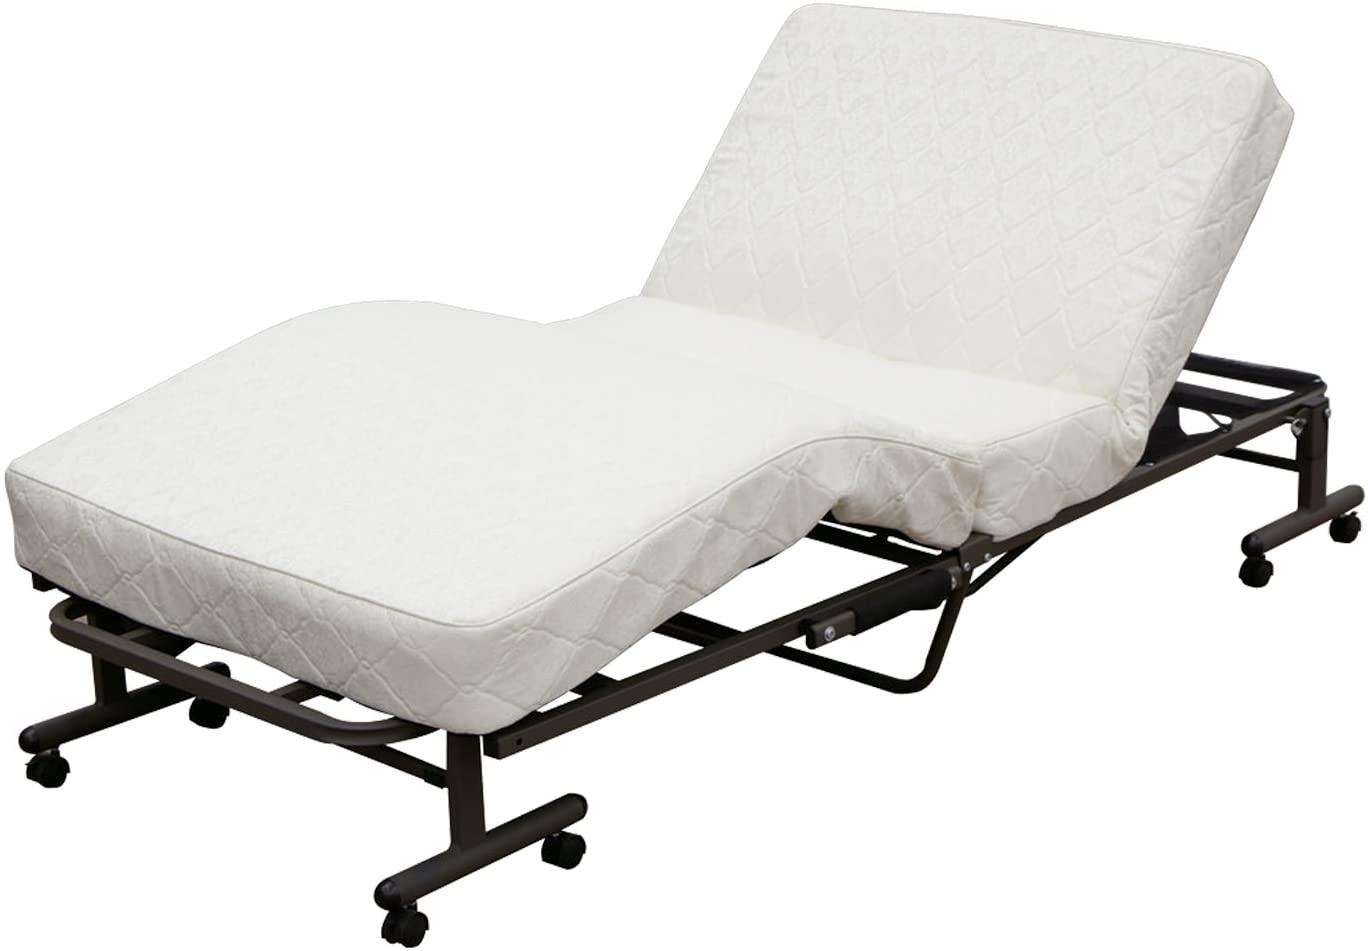 電動ベッドの人気おすすめランキング16選【介護ベッドやリクライニングベッドも】